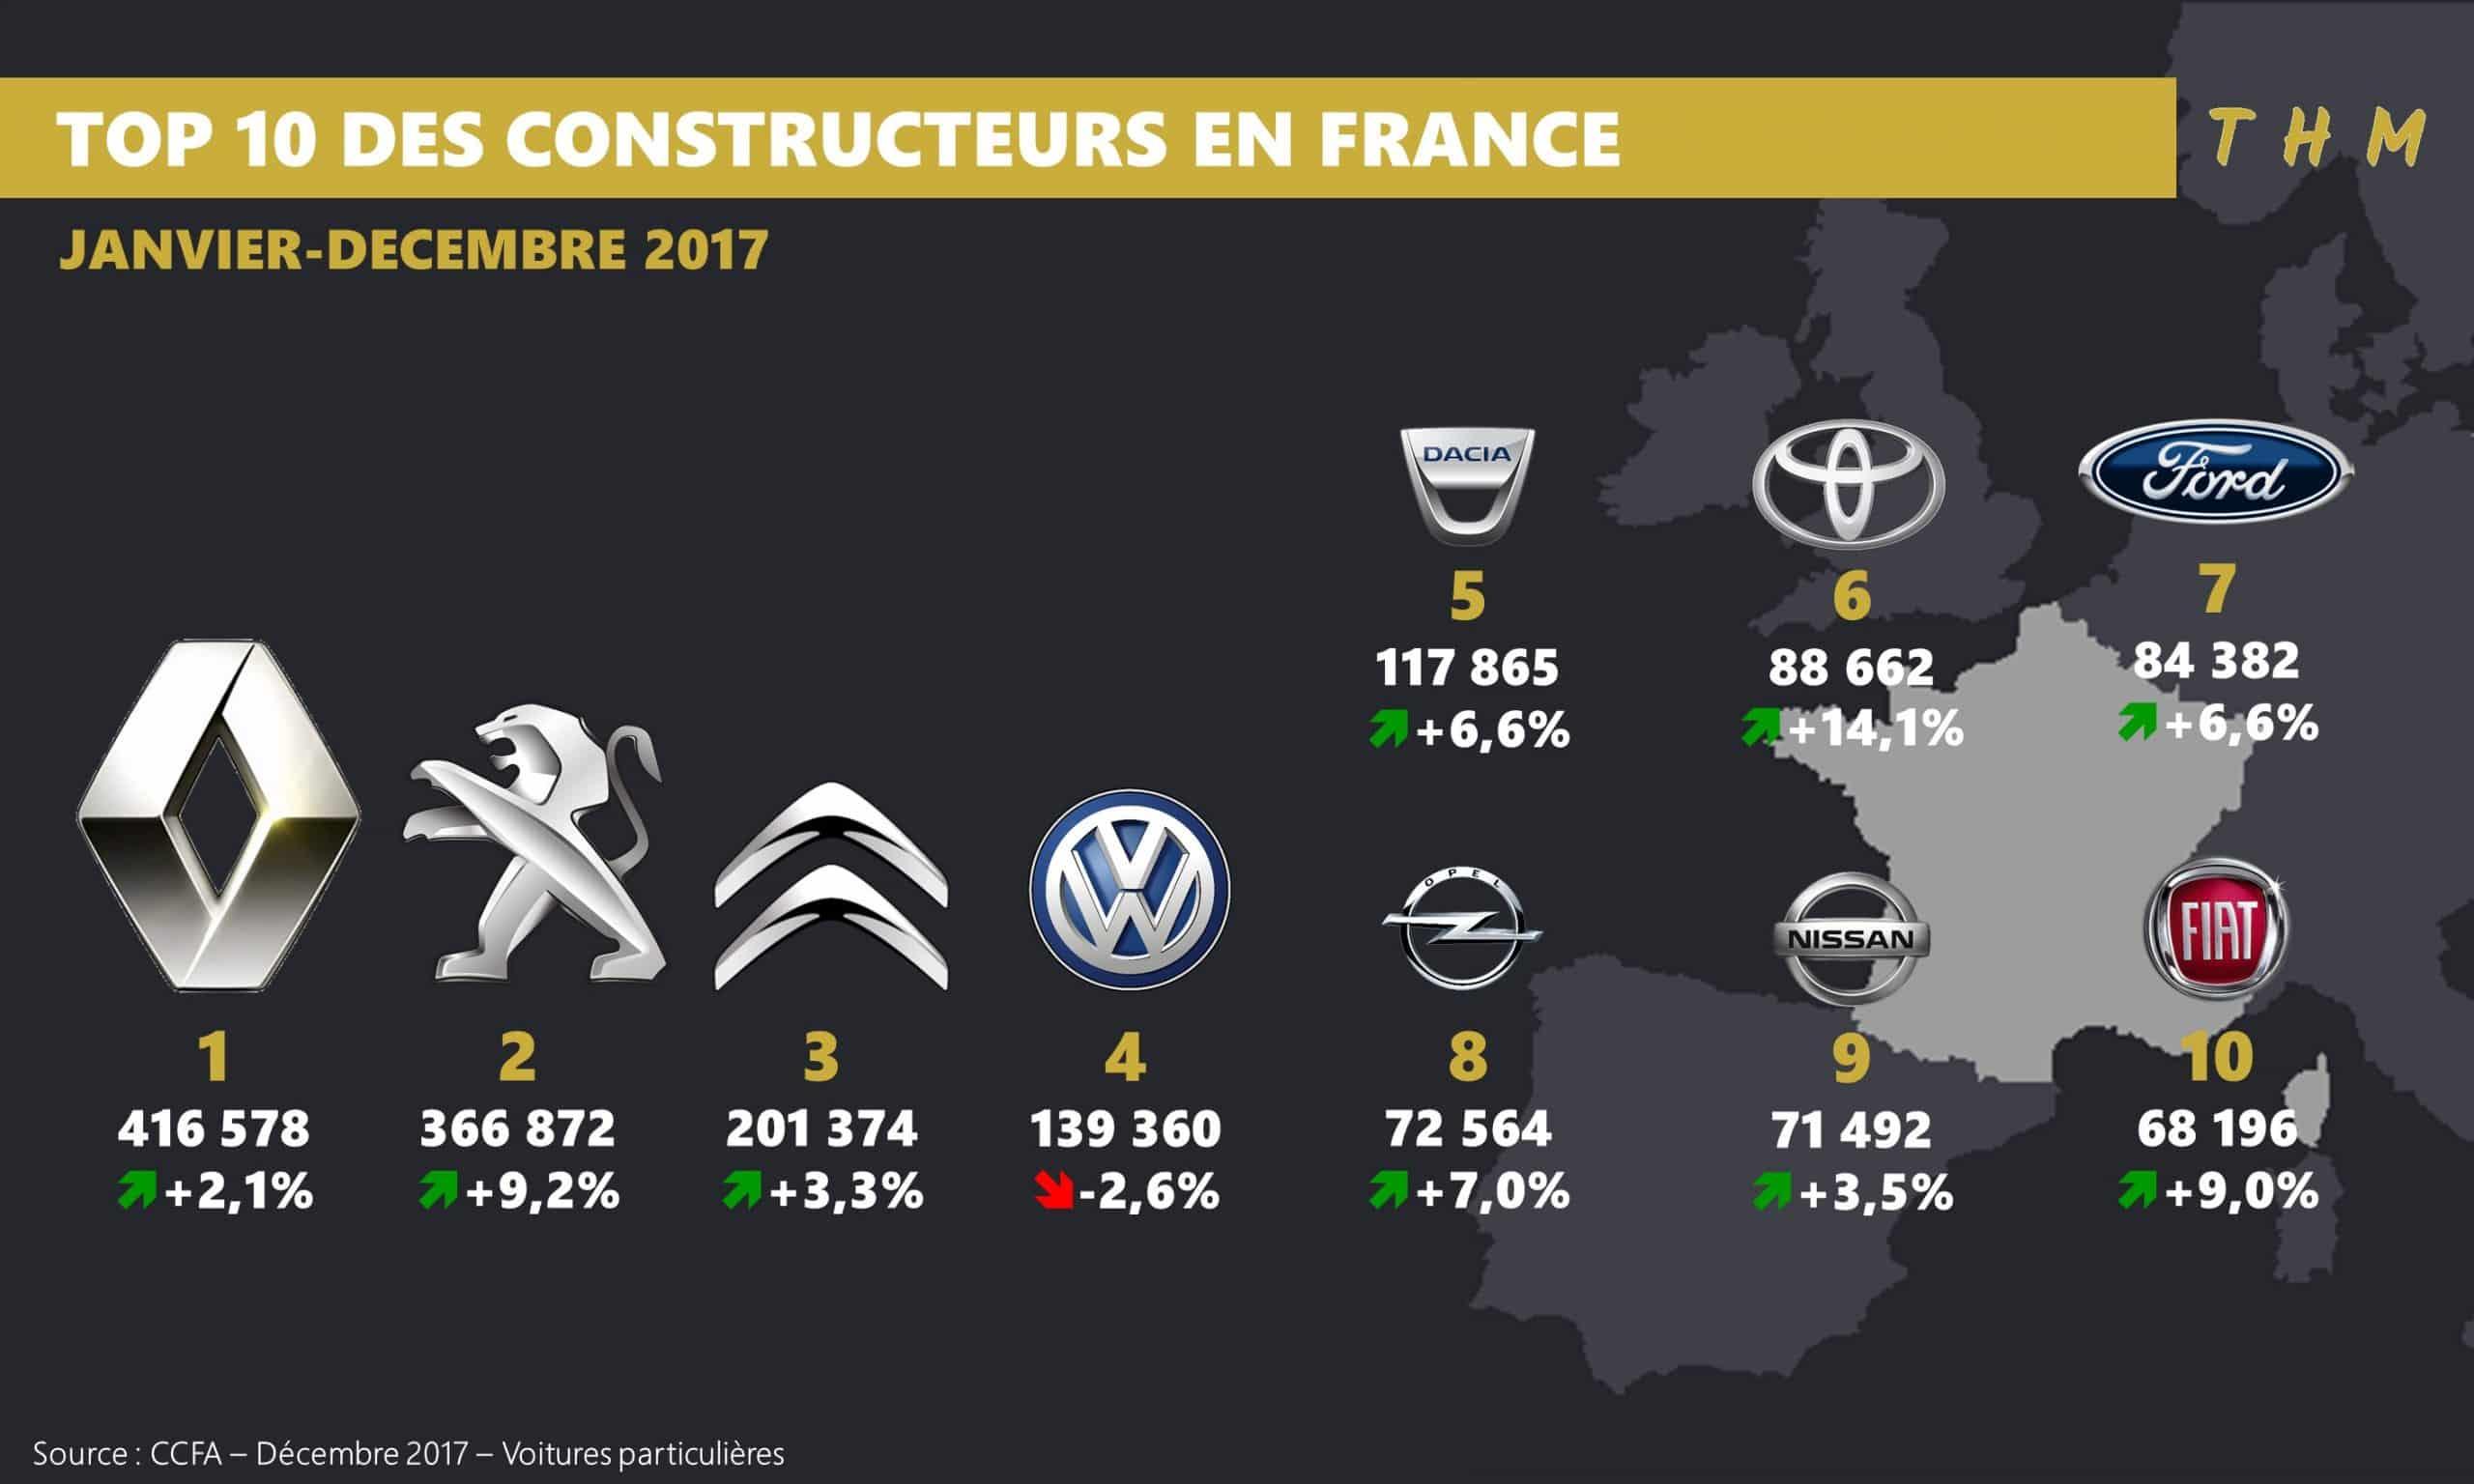 Immatriculations en baisse de 0,51% en décembre en France — Voitures